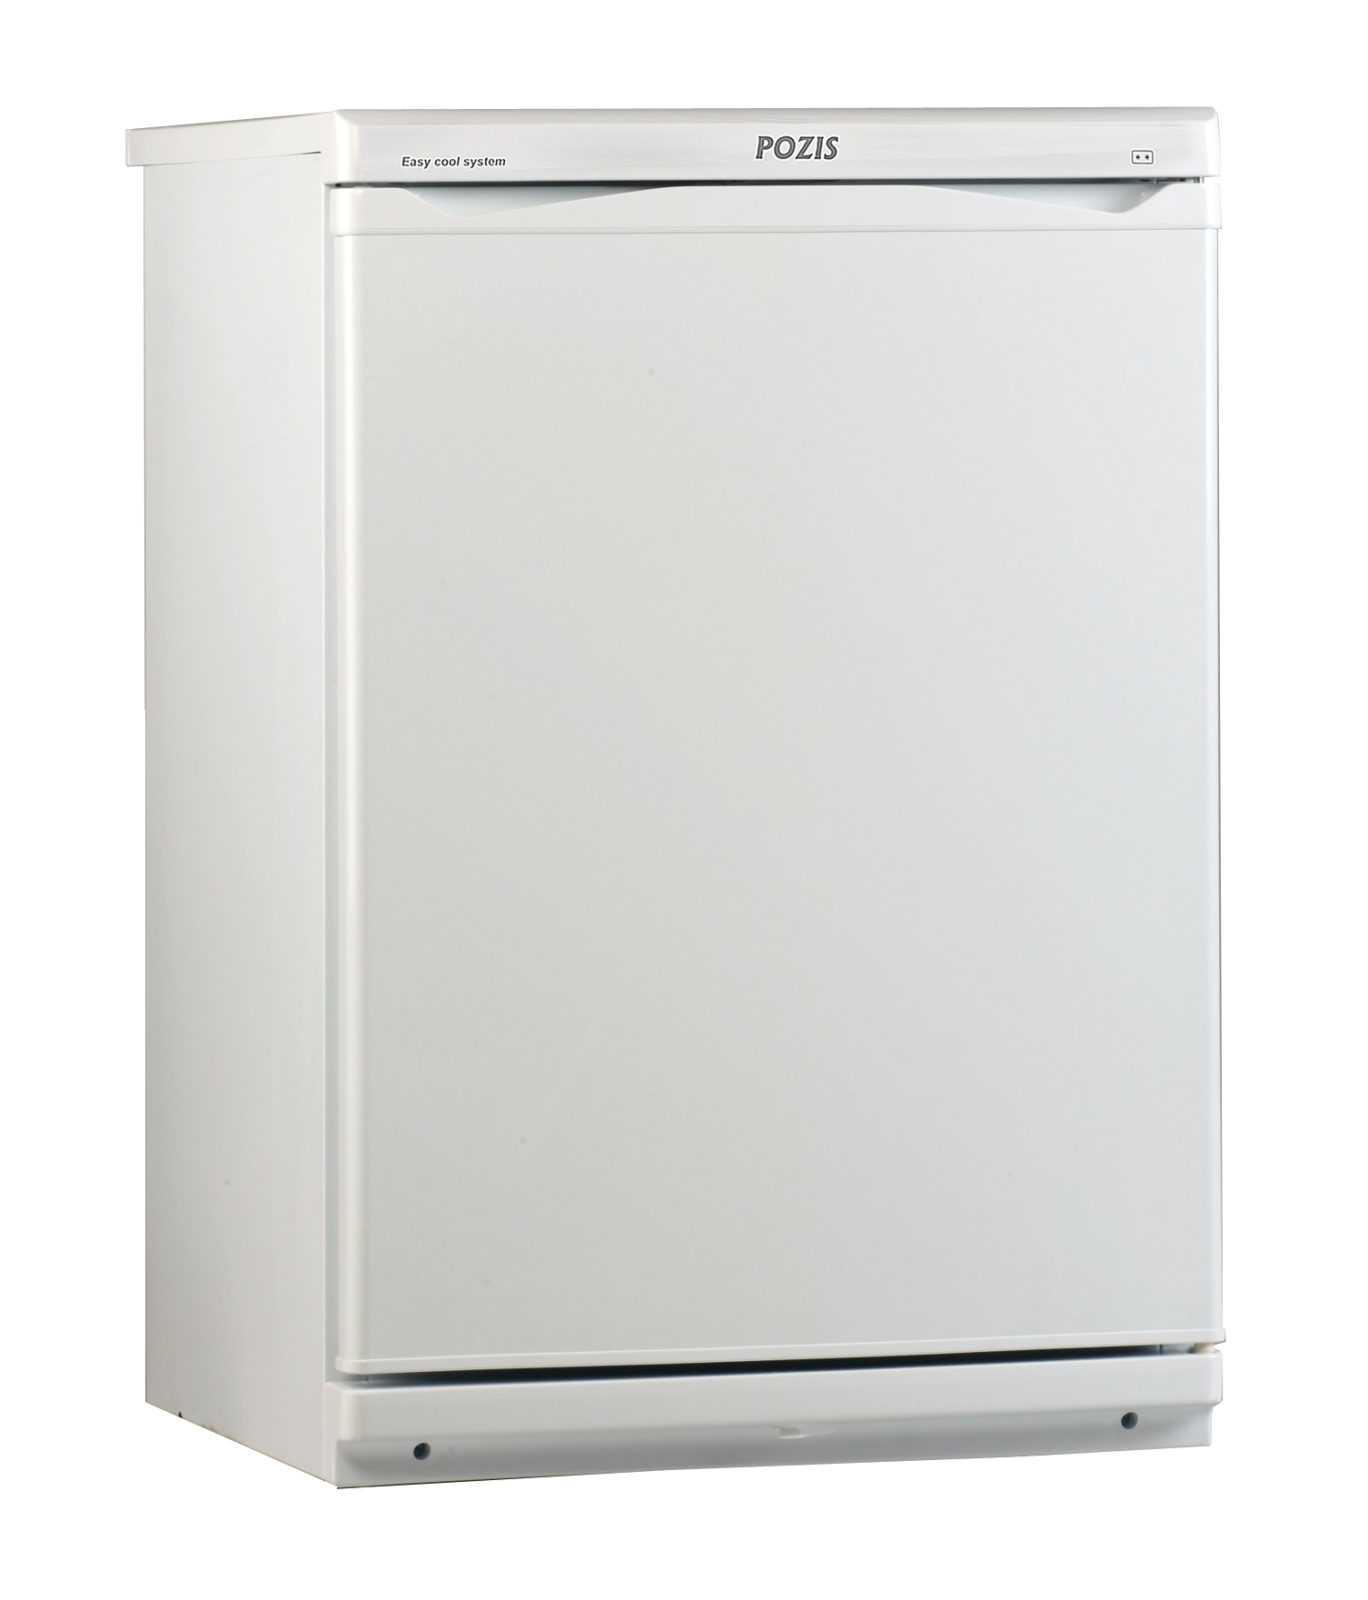 Бытовой холодильник POZIS Свияга-410-1